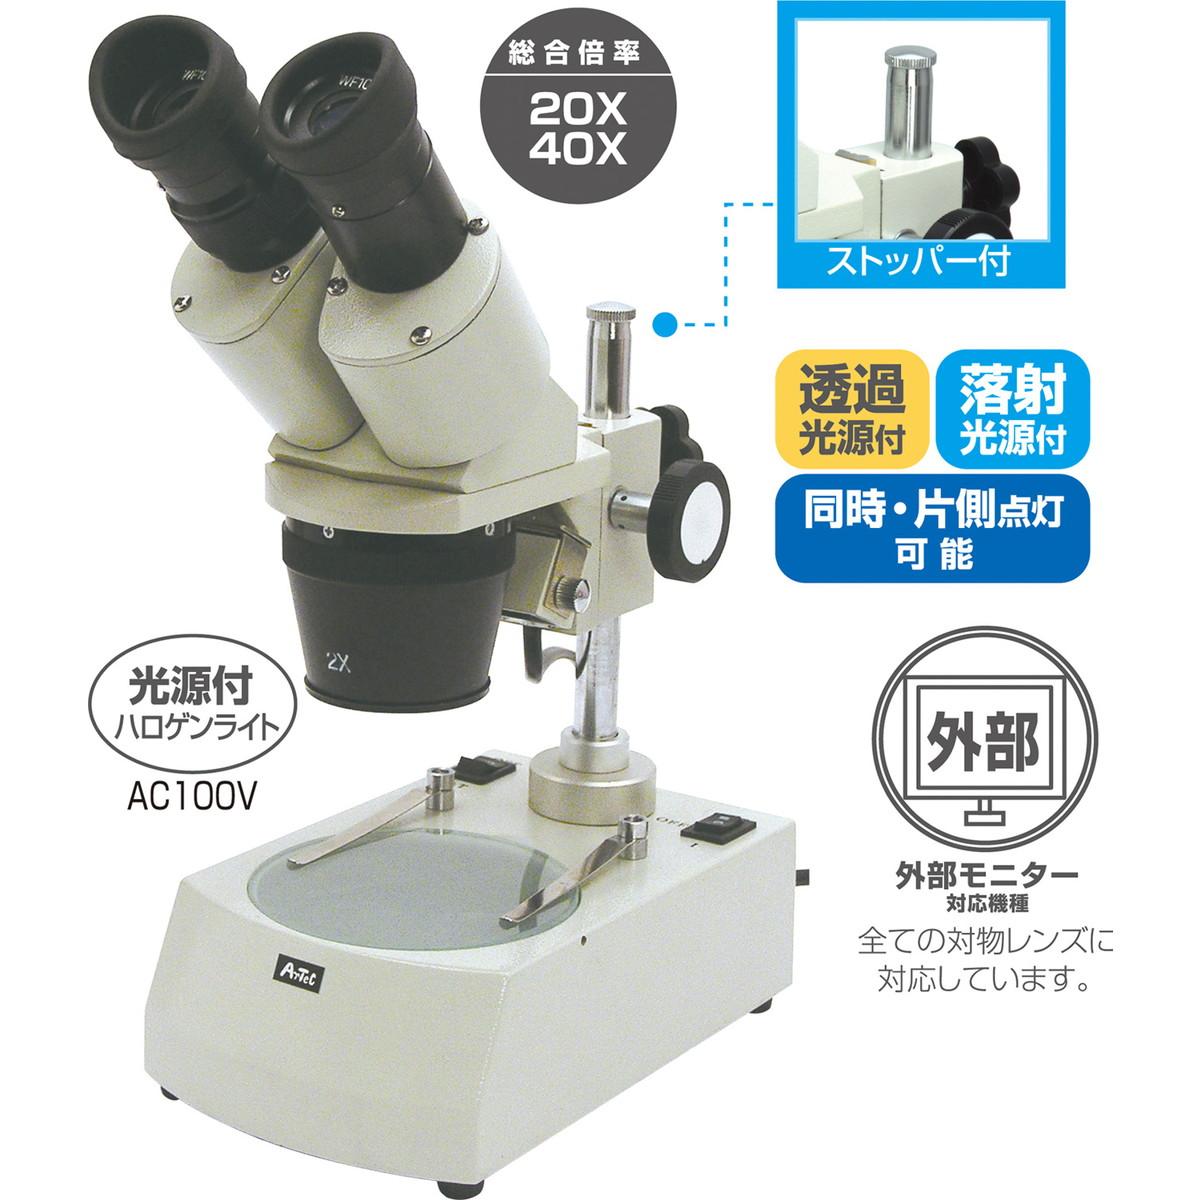 Artec(アーテック) 双眼実体顕微鏡 #8253【送料無料】